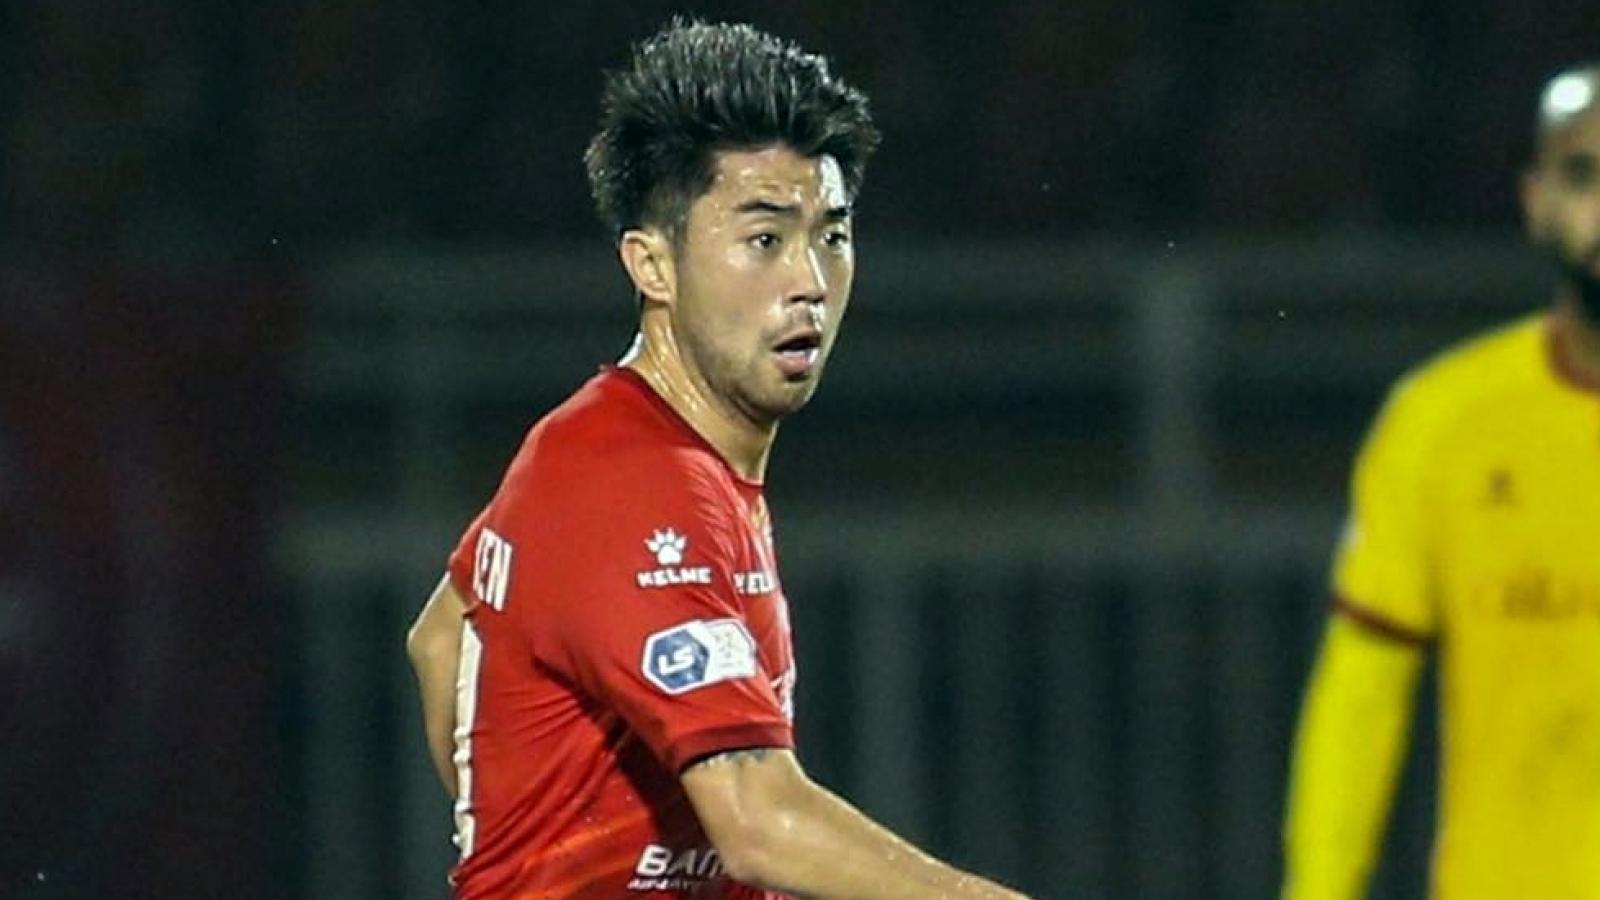 Lee Nguyễn ghi dấu ấn, CLB TPHCM đánh bại Hà Tĩnh